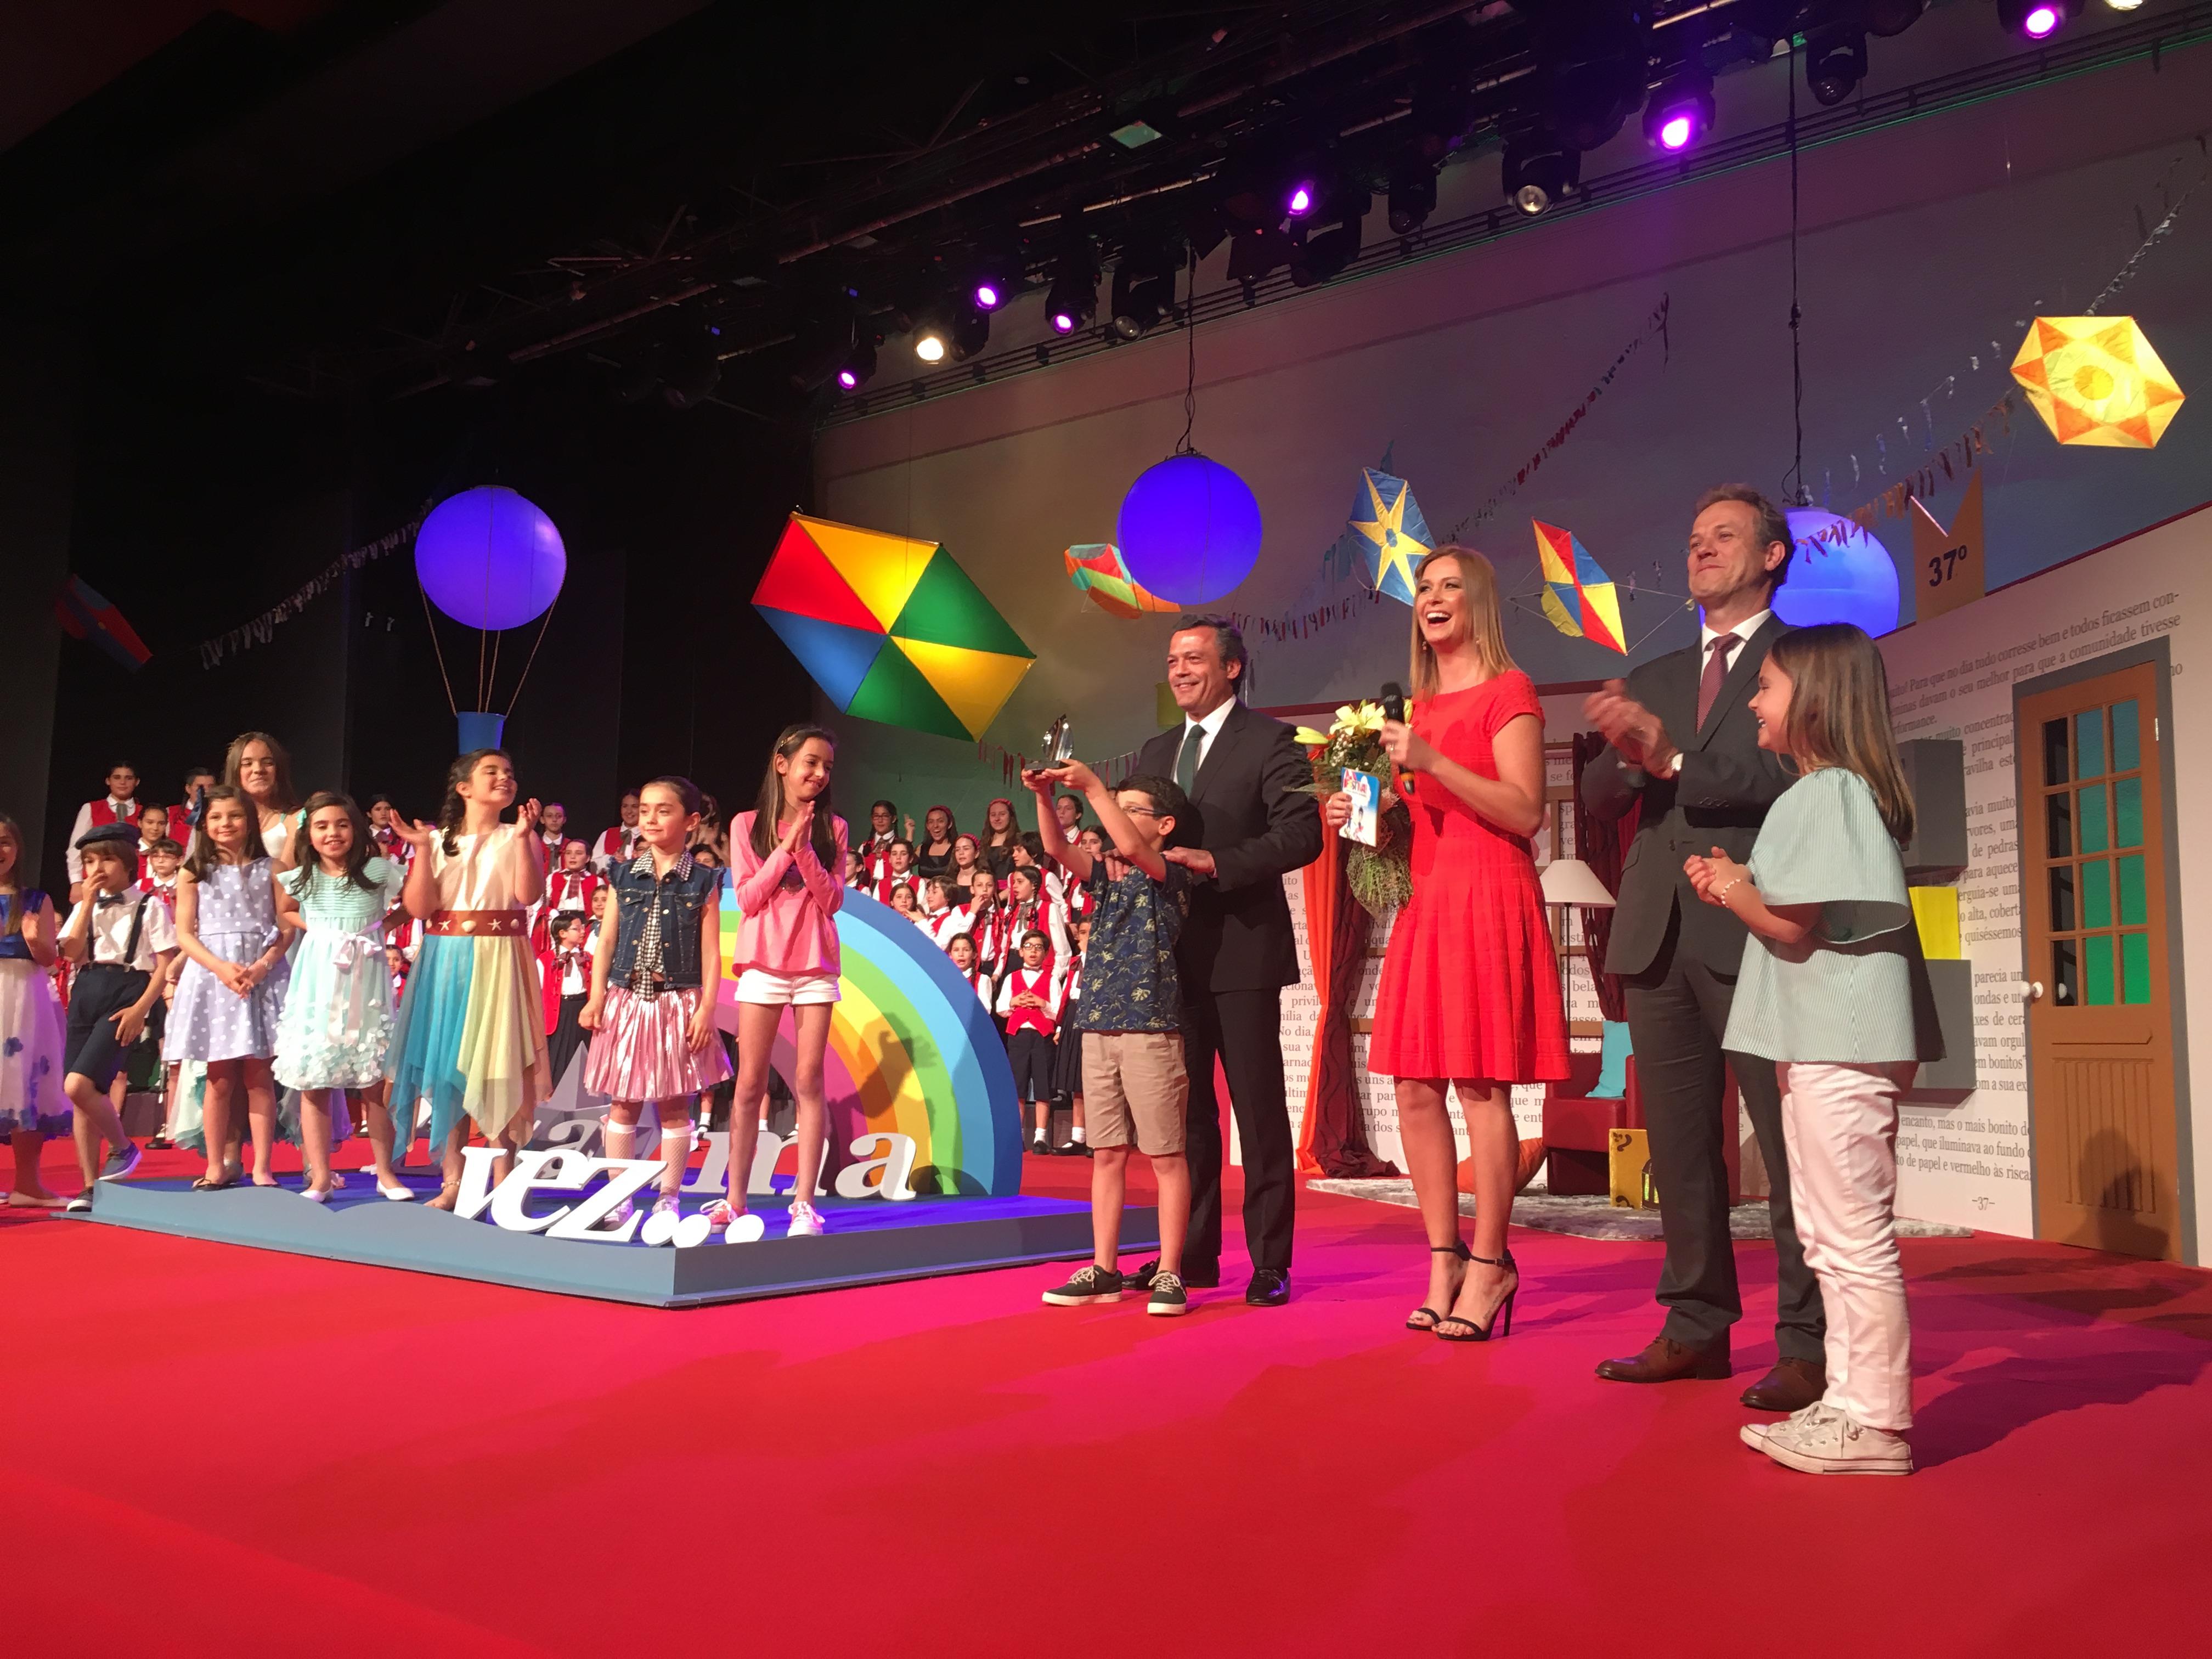 Diogo Silva vence 37.º Festival da canção infantil da Madeira